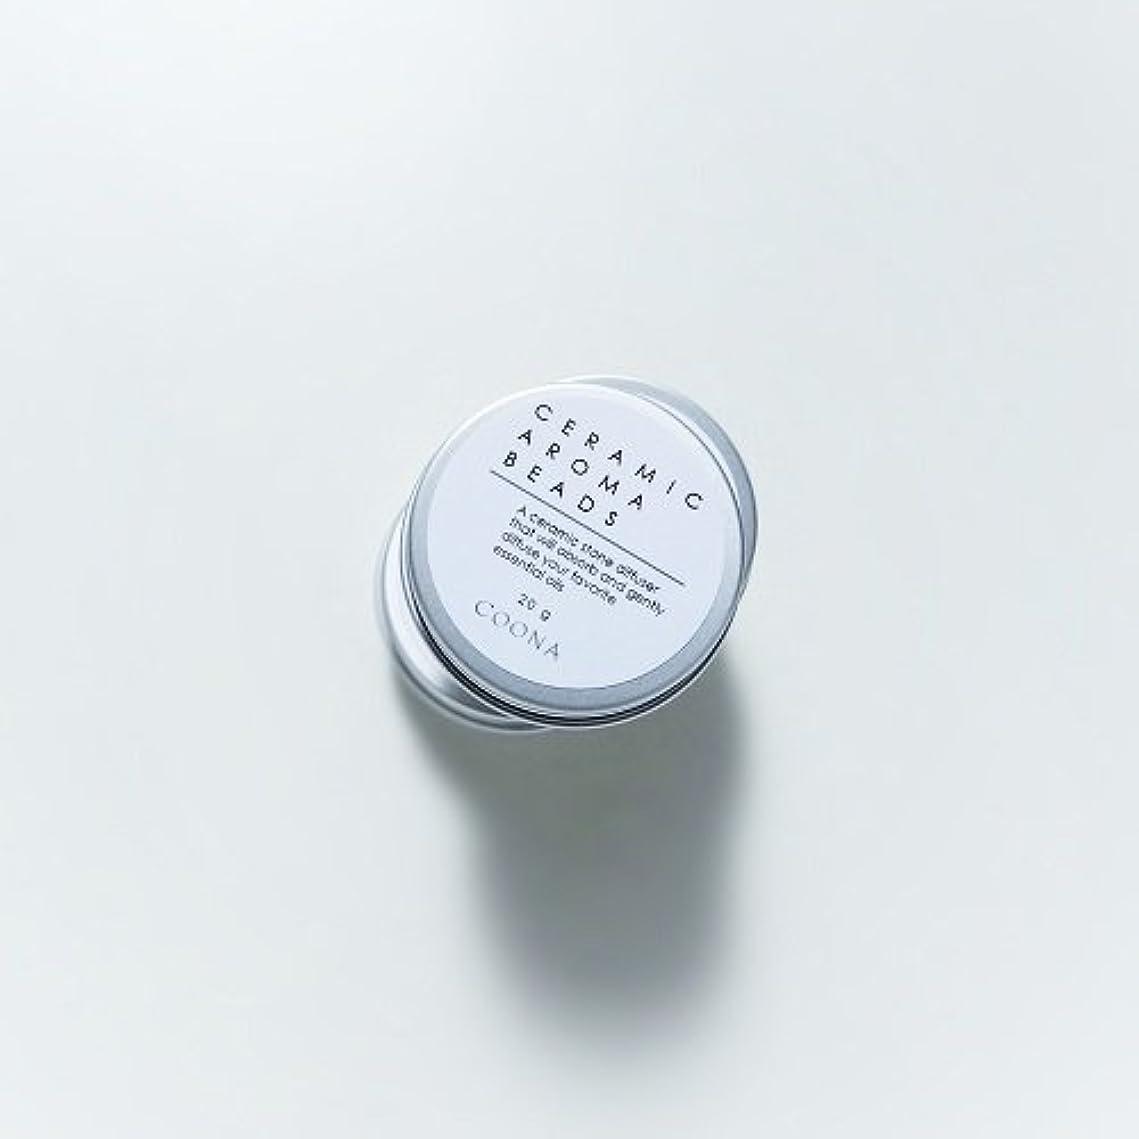 医薬大使嫌がるセラミックアロマビーズ(缶入り アロマストーン エコディフューザー)20g×1個